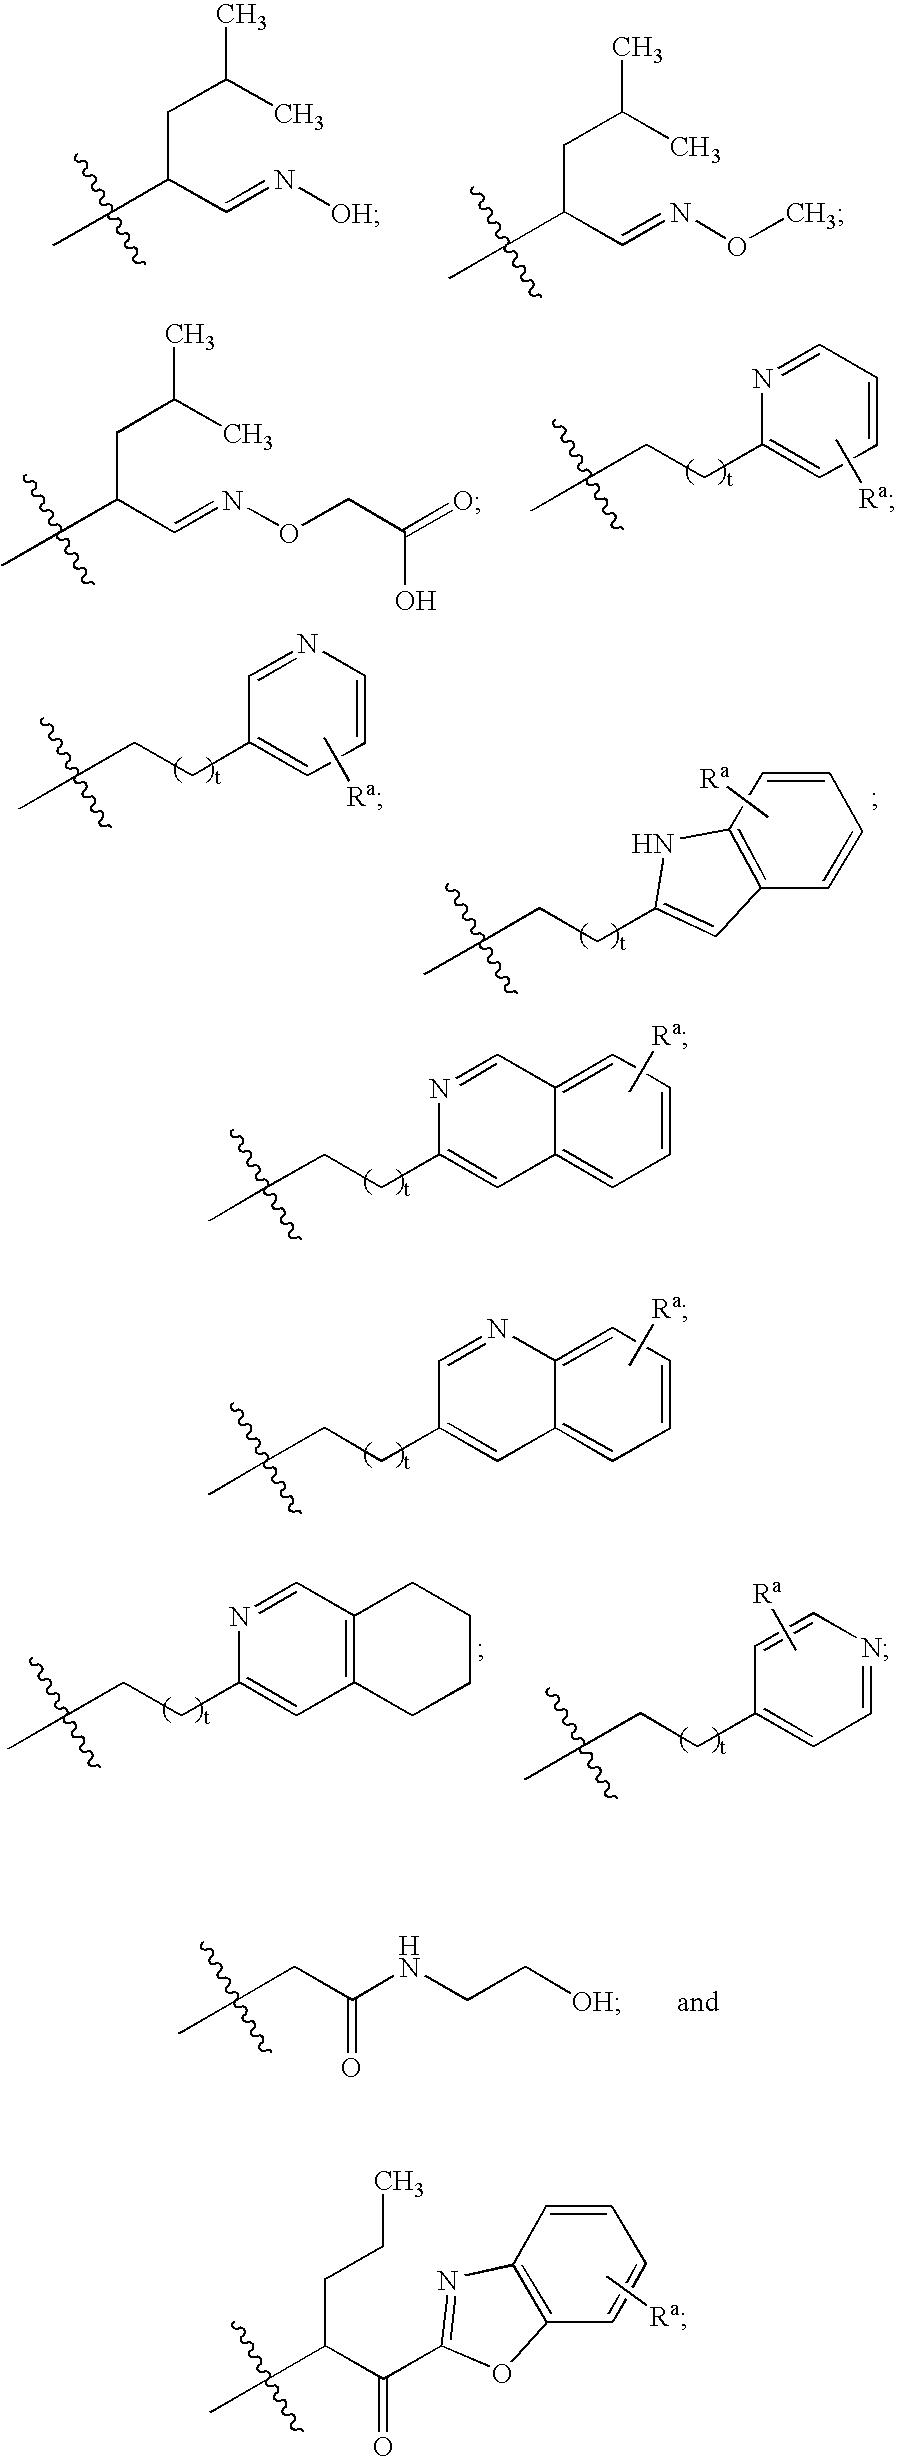 Figure US20070032484A1-20070208-C00010